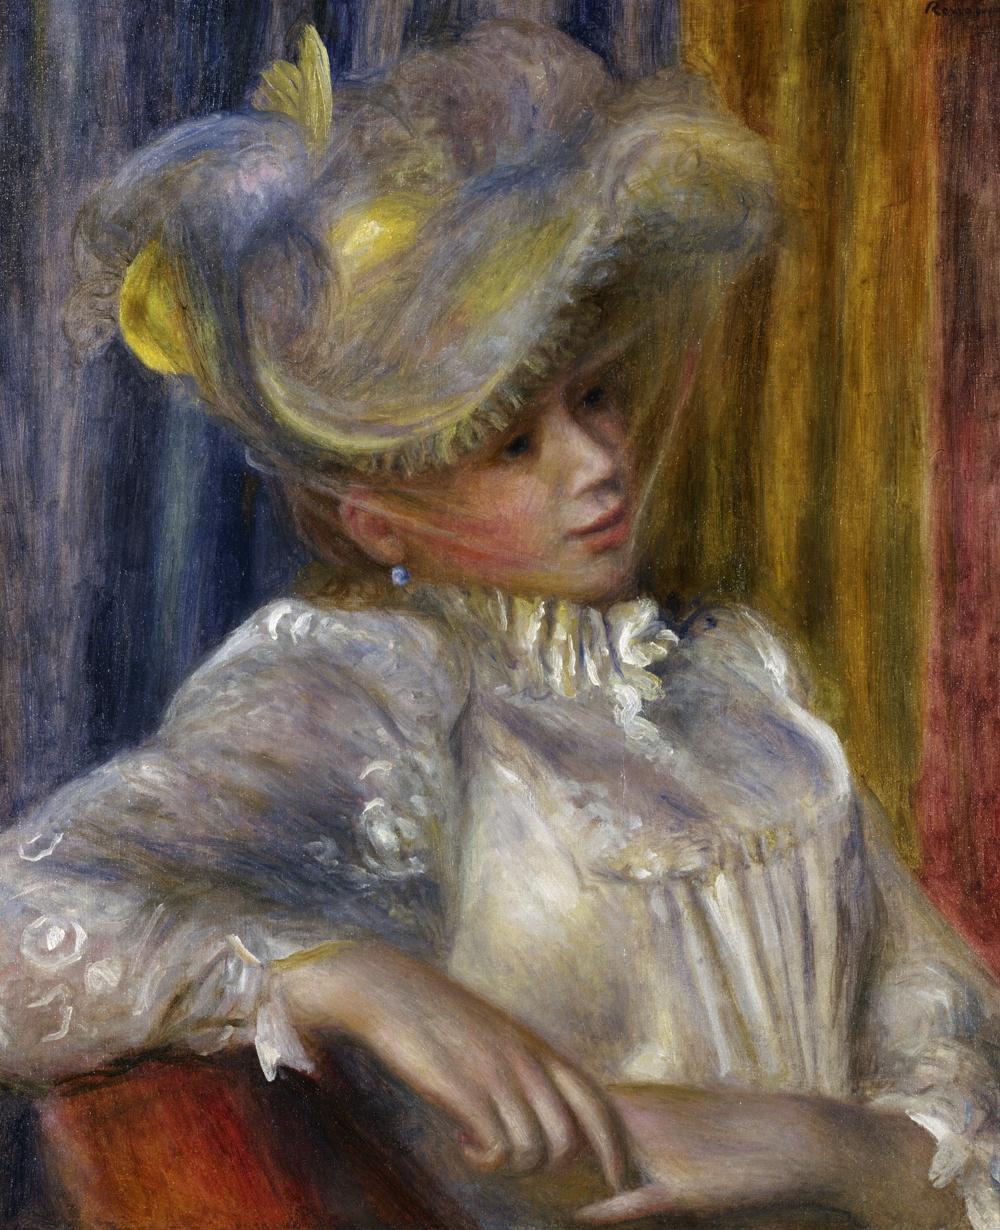 ピエール=オーギュスト・ルノワール《帽子の女》 1891年 油彩、カンヴァス 国立西洋美術館(松方コレクション)